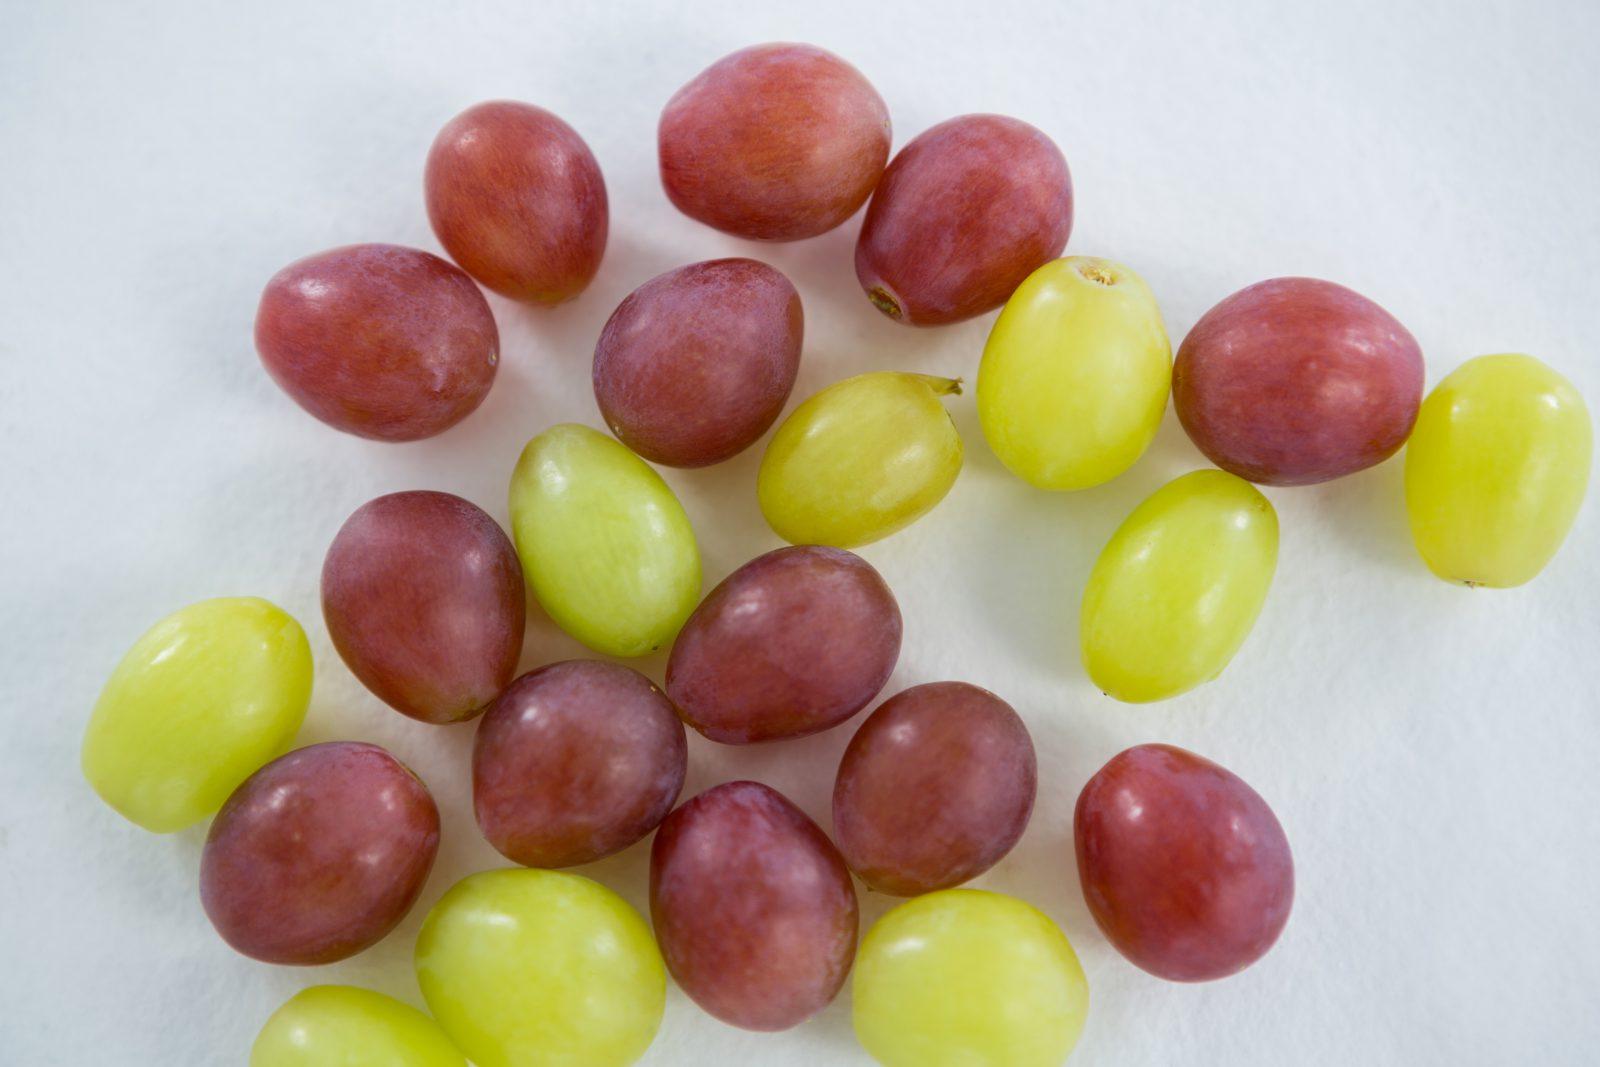 Alimentos que cachorro não pode comer: Uvas são deliciosas e nutritivas, mas podem fazer mal aos cachorros.